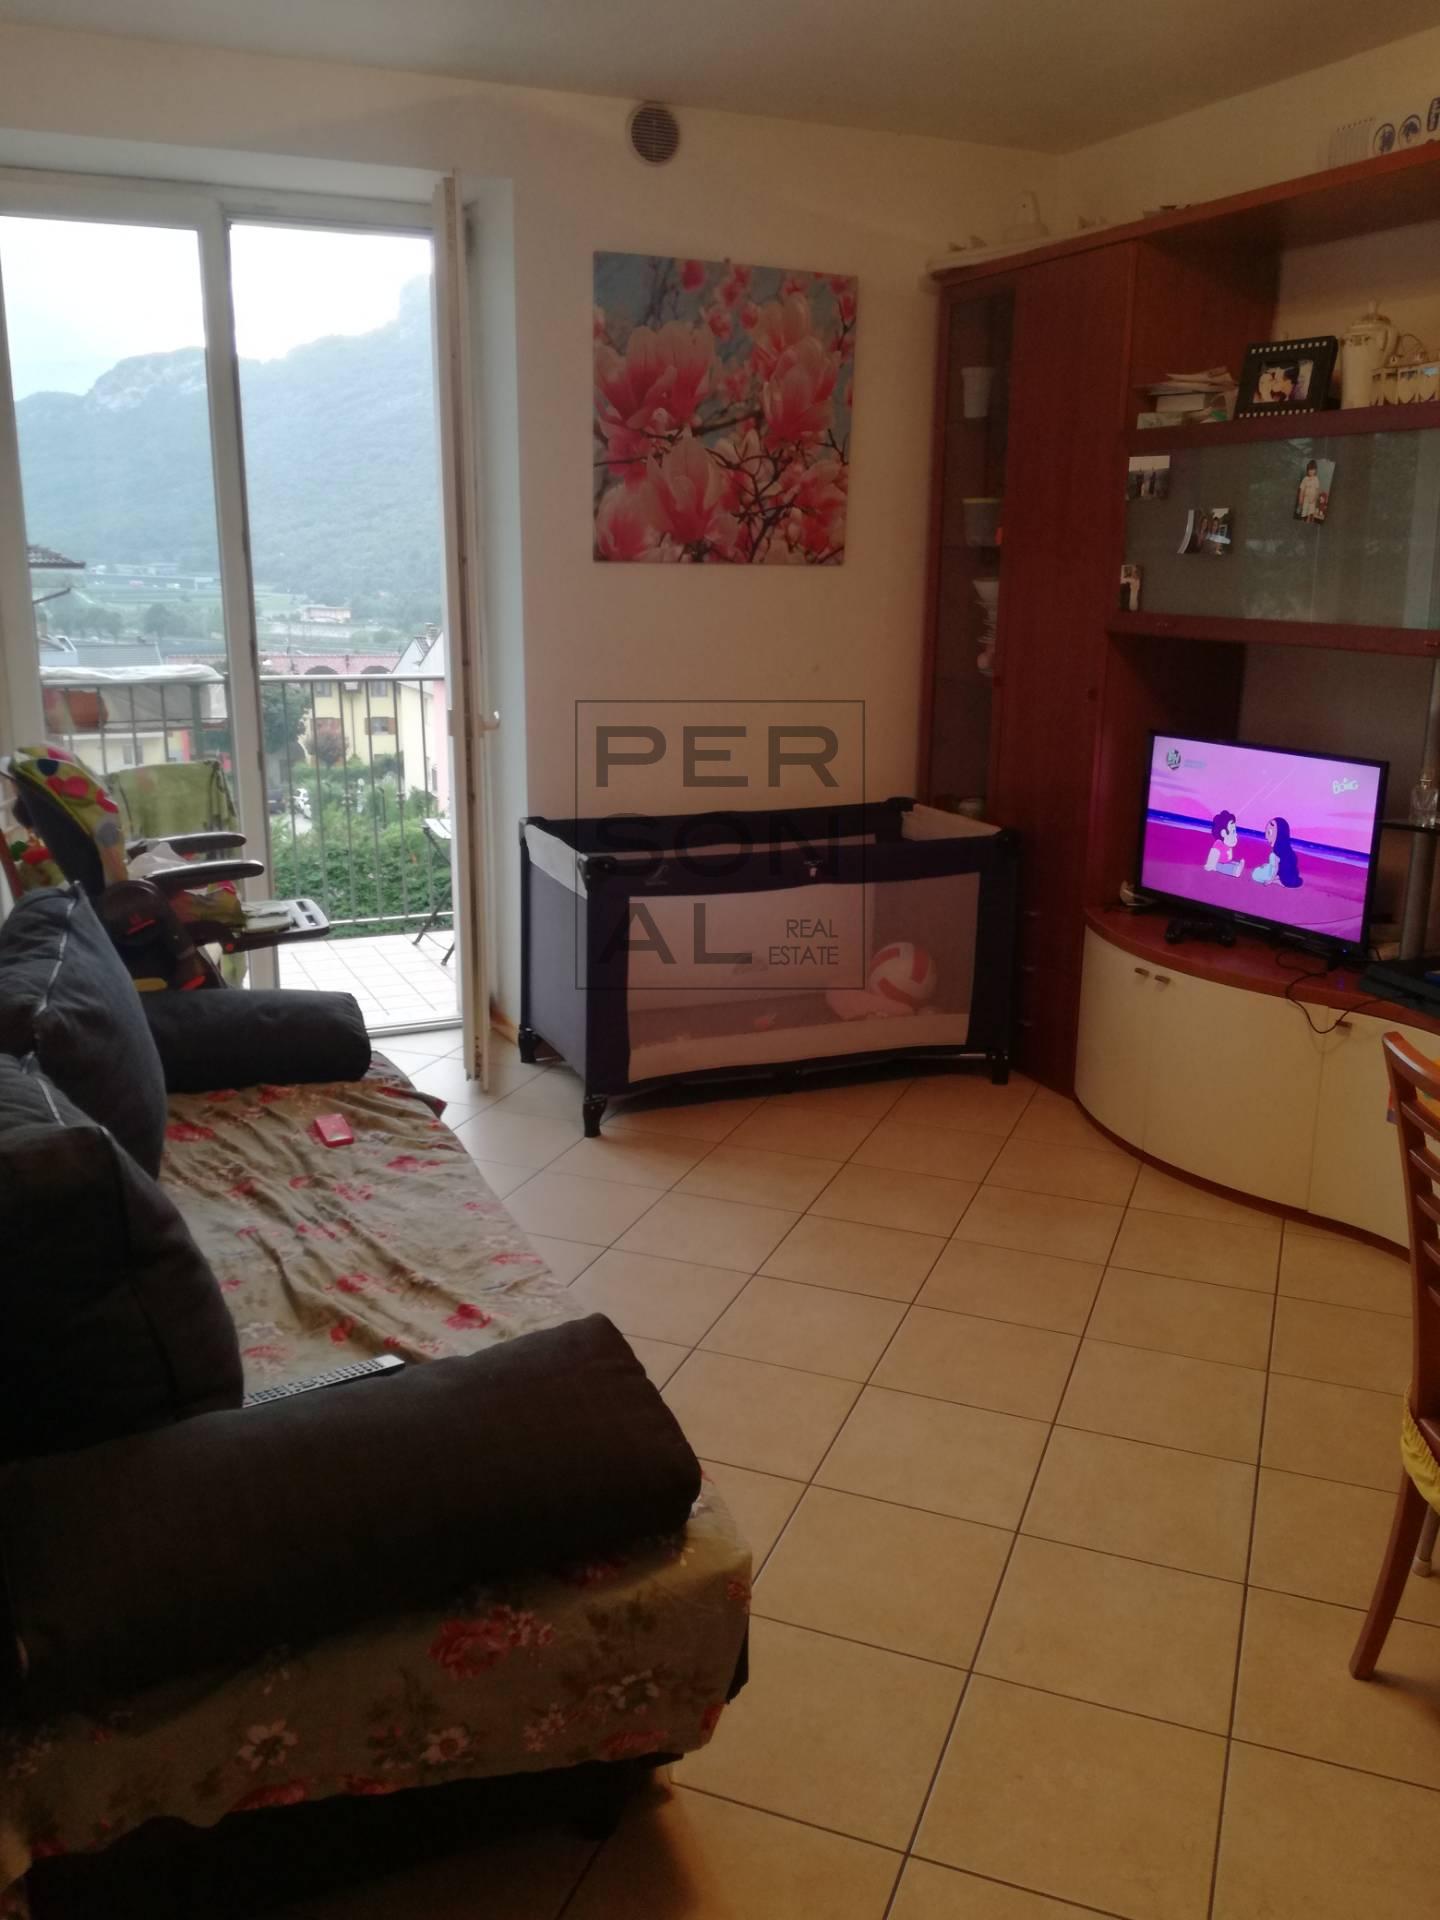 Appartamento in affitto a Besenello, 2 locali, prezzo € 500 | CambioCasa.it